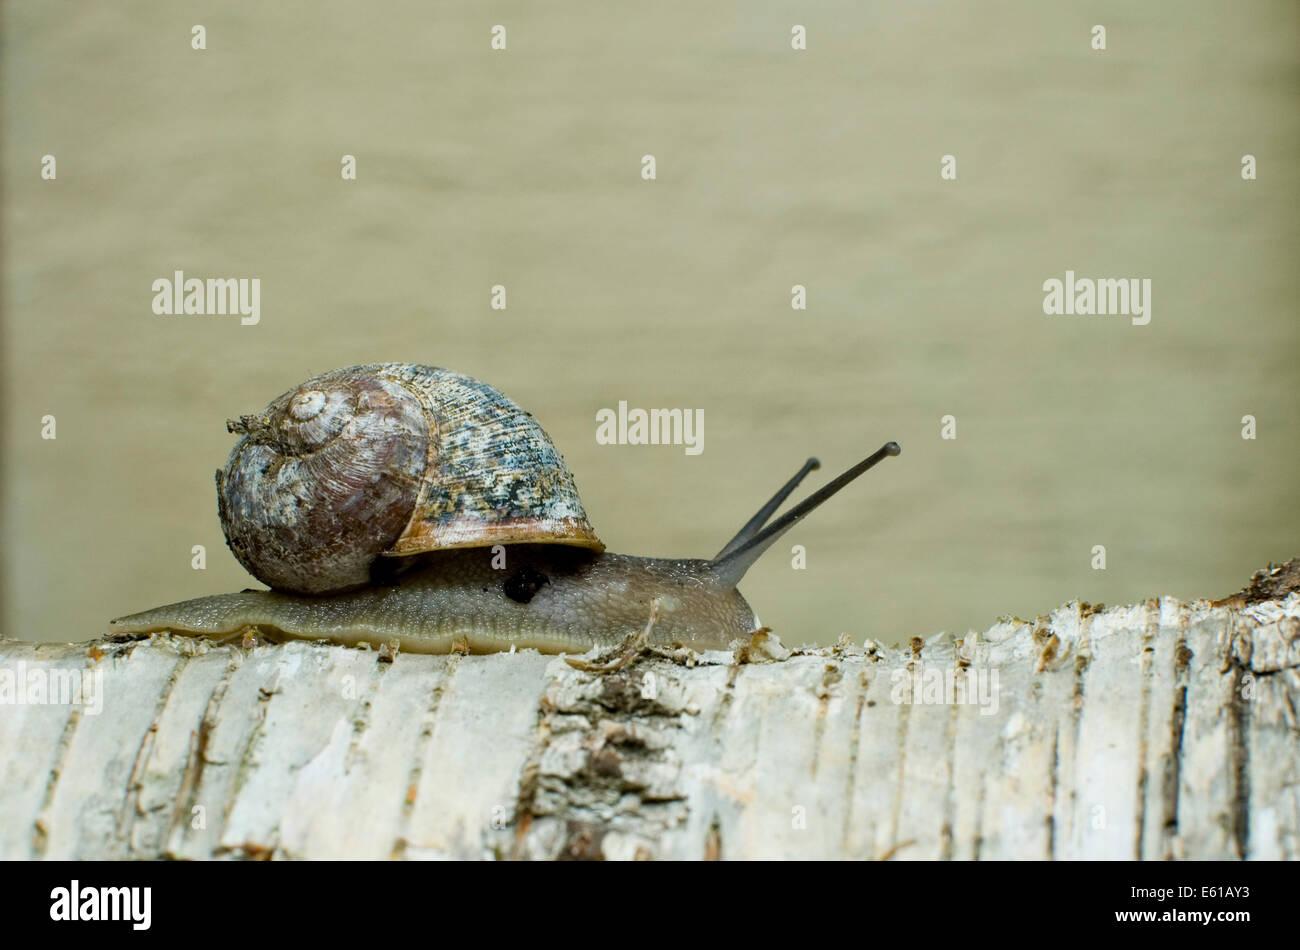 garden-snail-on-silver-birch-log-E61AY3.